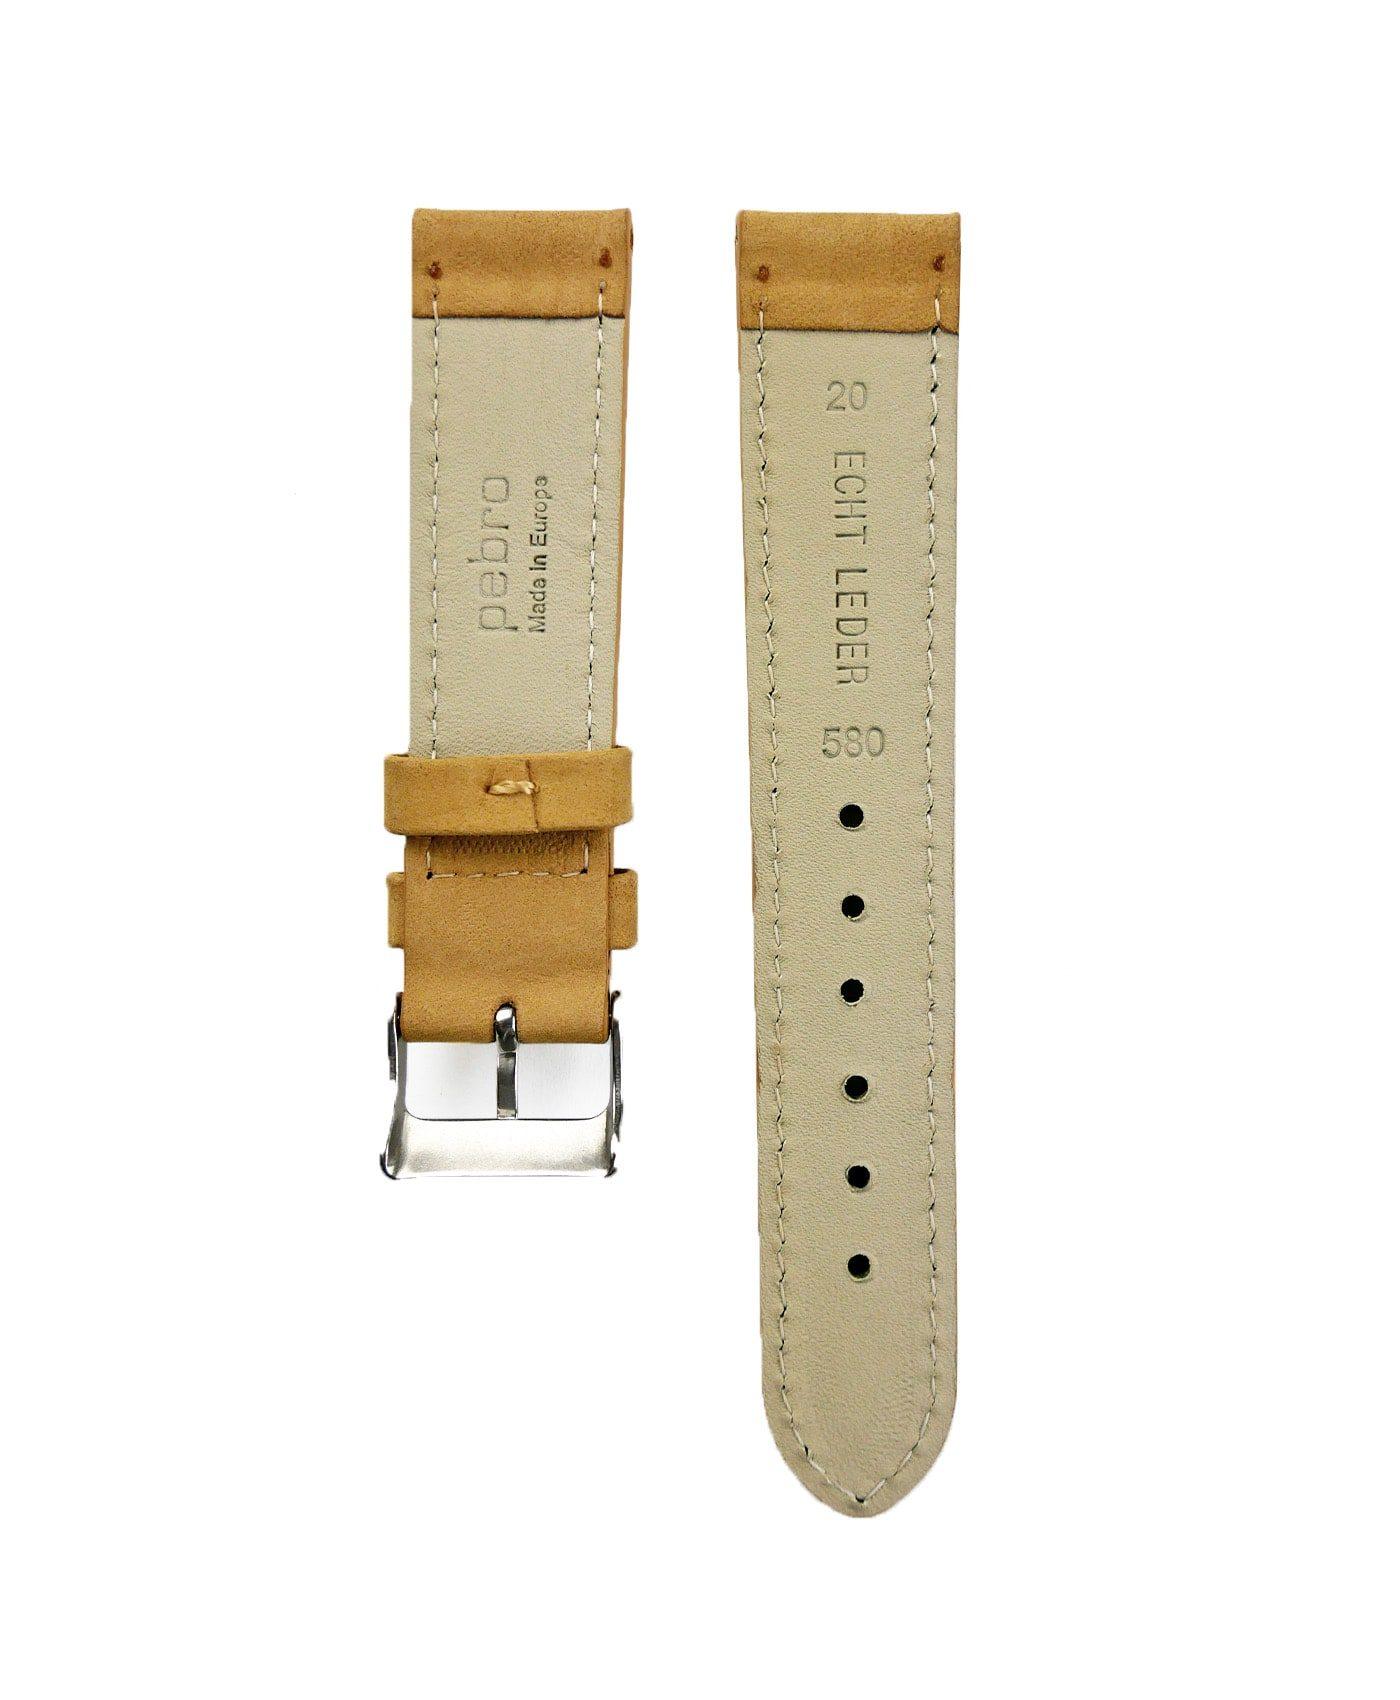 Pebro Premium Calfskin Watch Strap Mustard Beige No 580 back